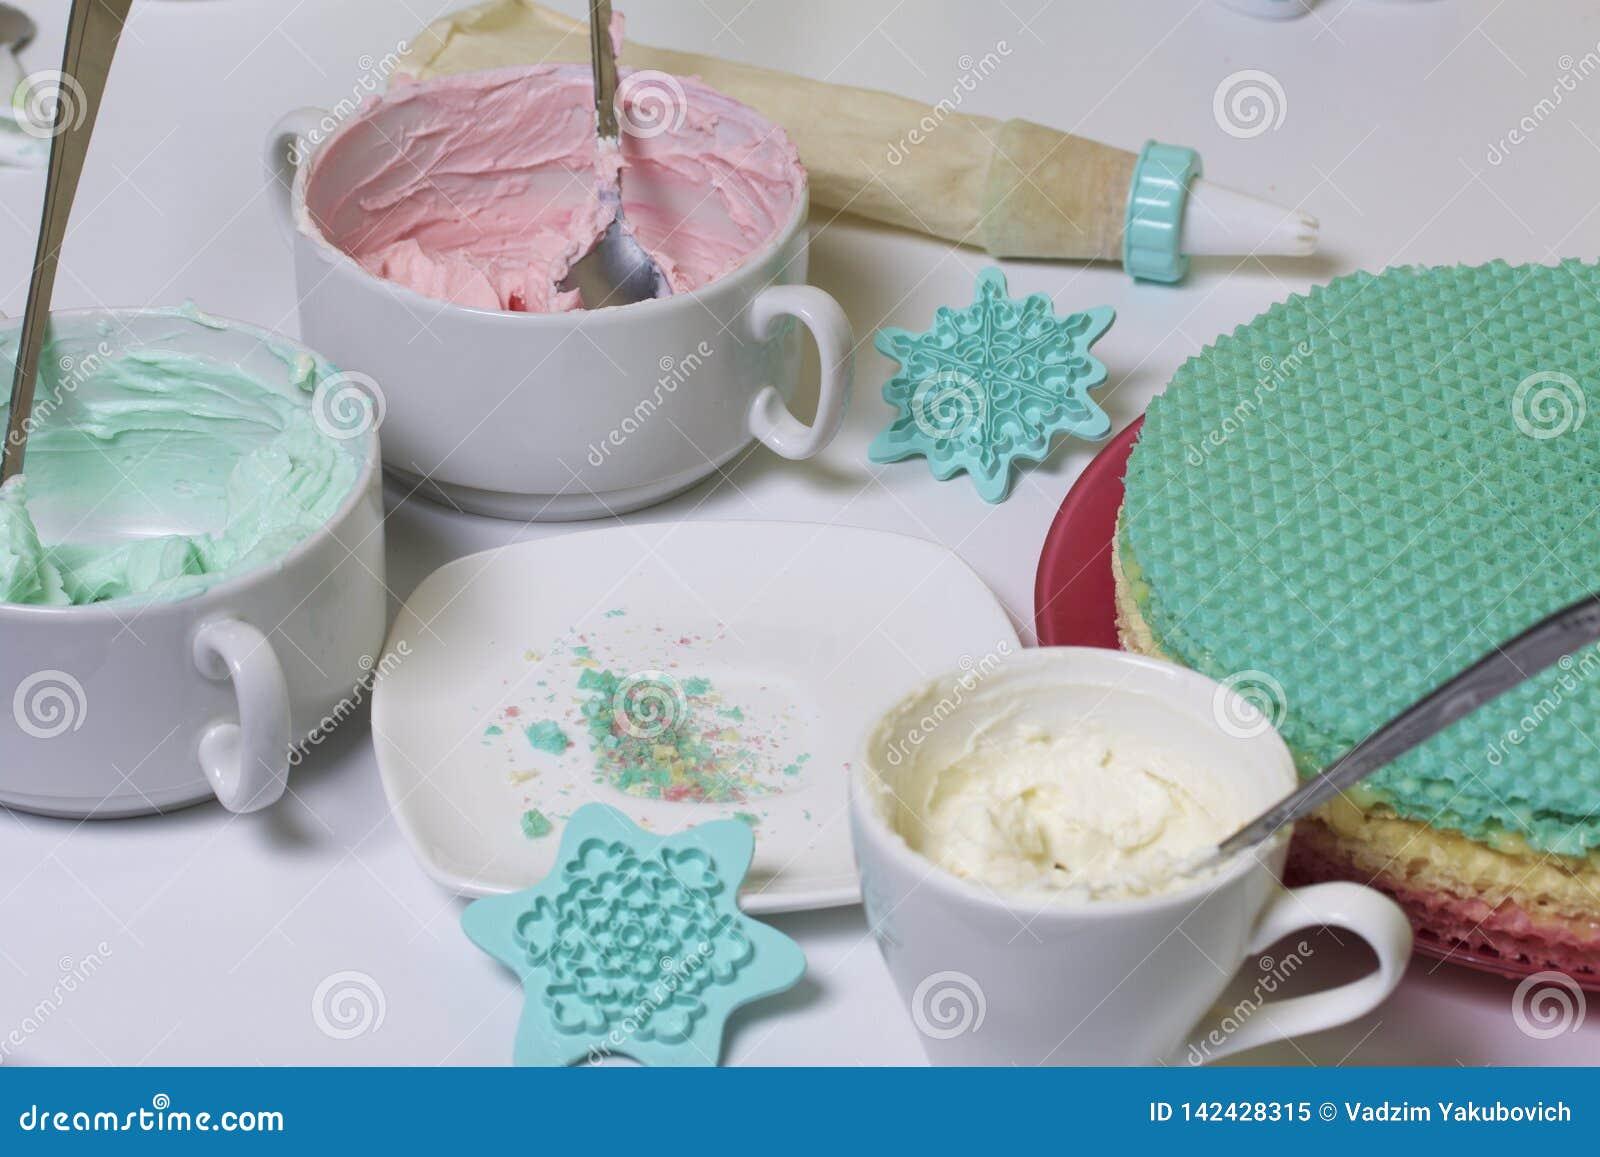 Kräm av olika färger för att dekorera dillandekakan Runda rånkakor av olika färger För framställning av dillandekakan